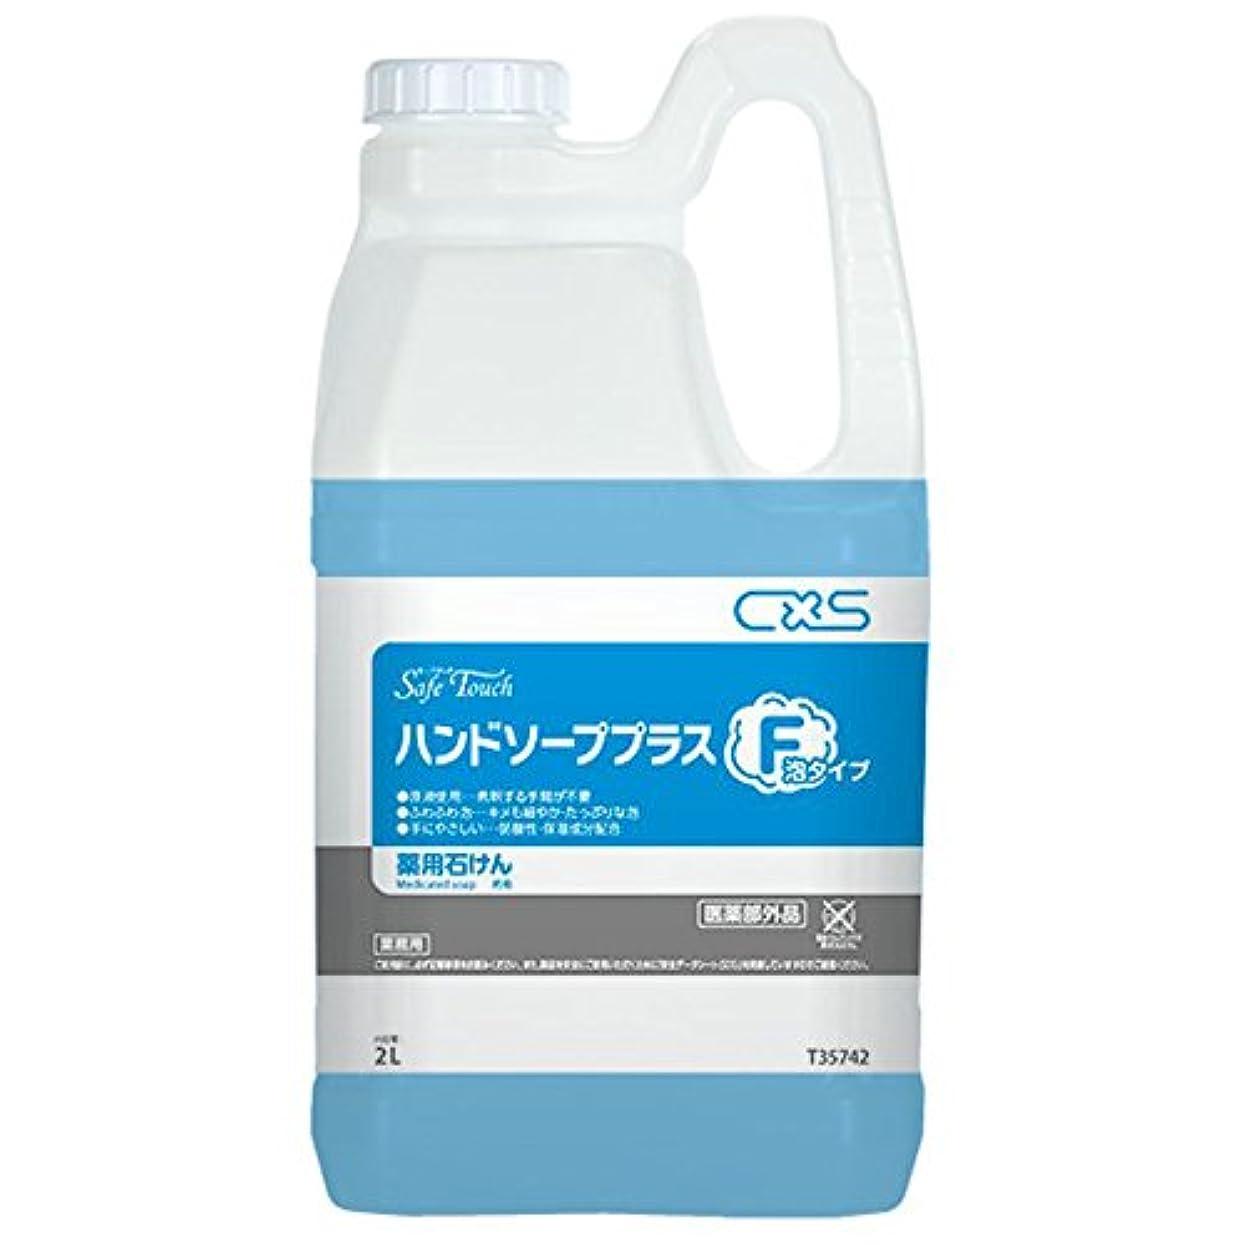 間組立構築するシーバイエス(C×S) 殺菌?消毒用手洗い石けん セーフタッチハンドソーププラスF 2L